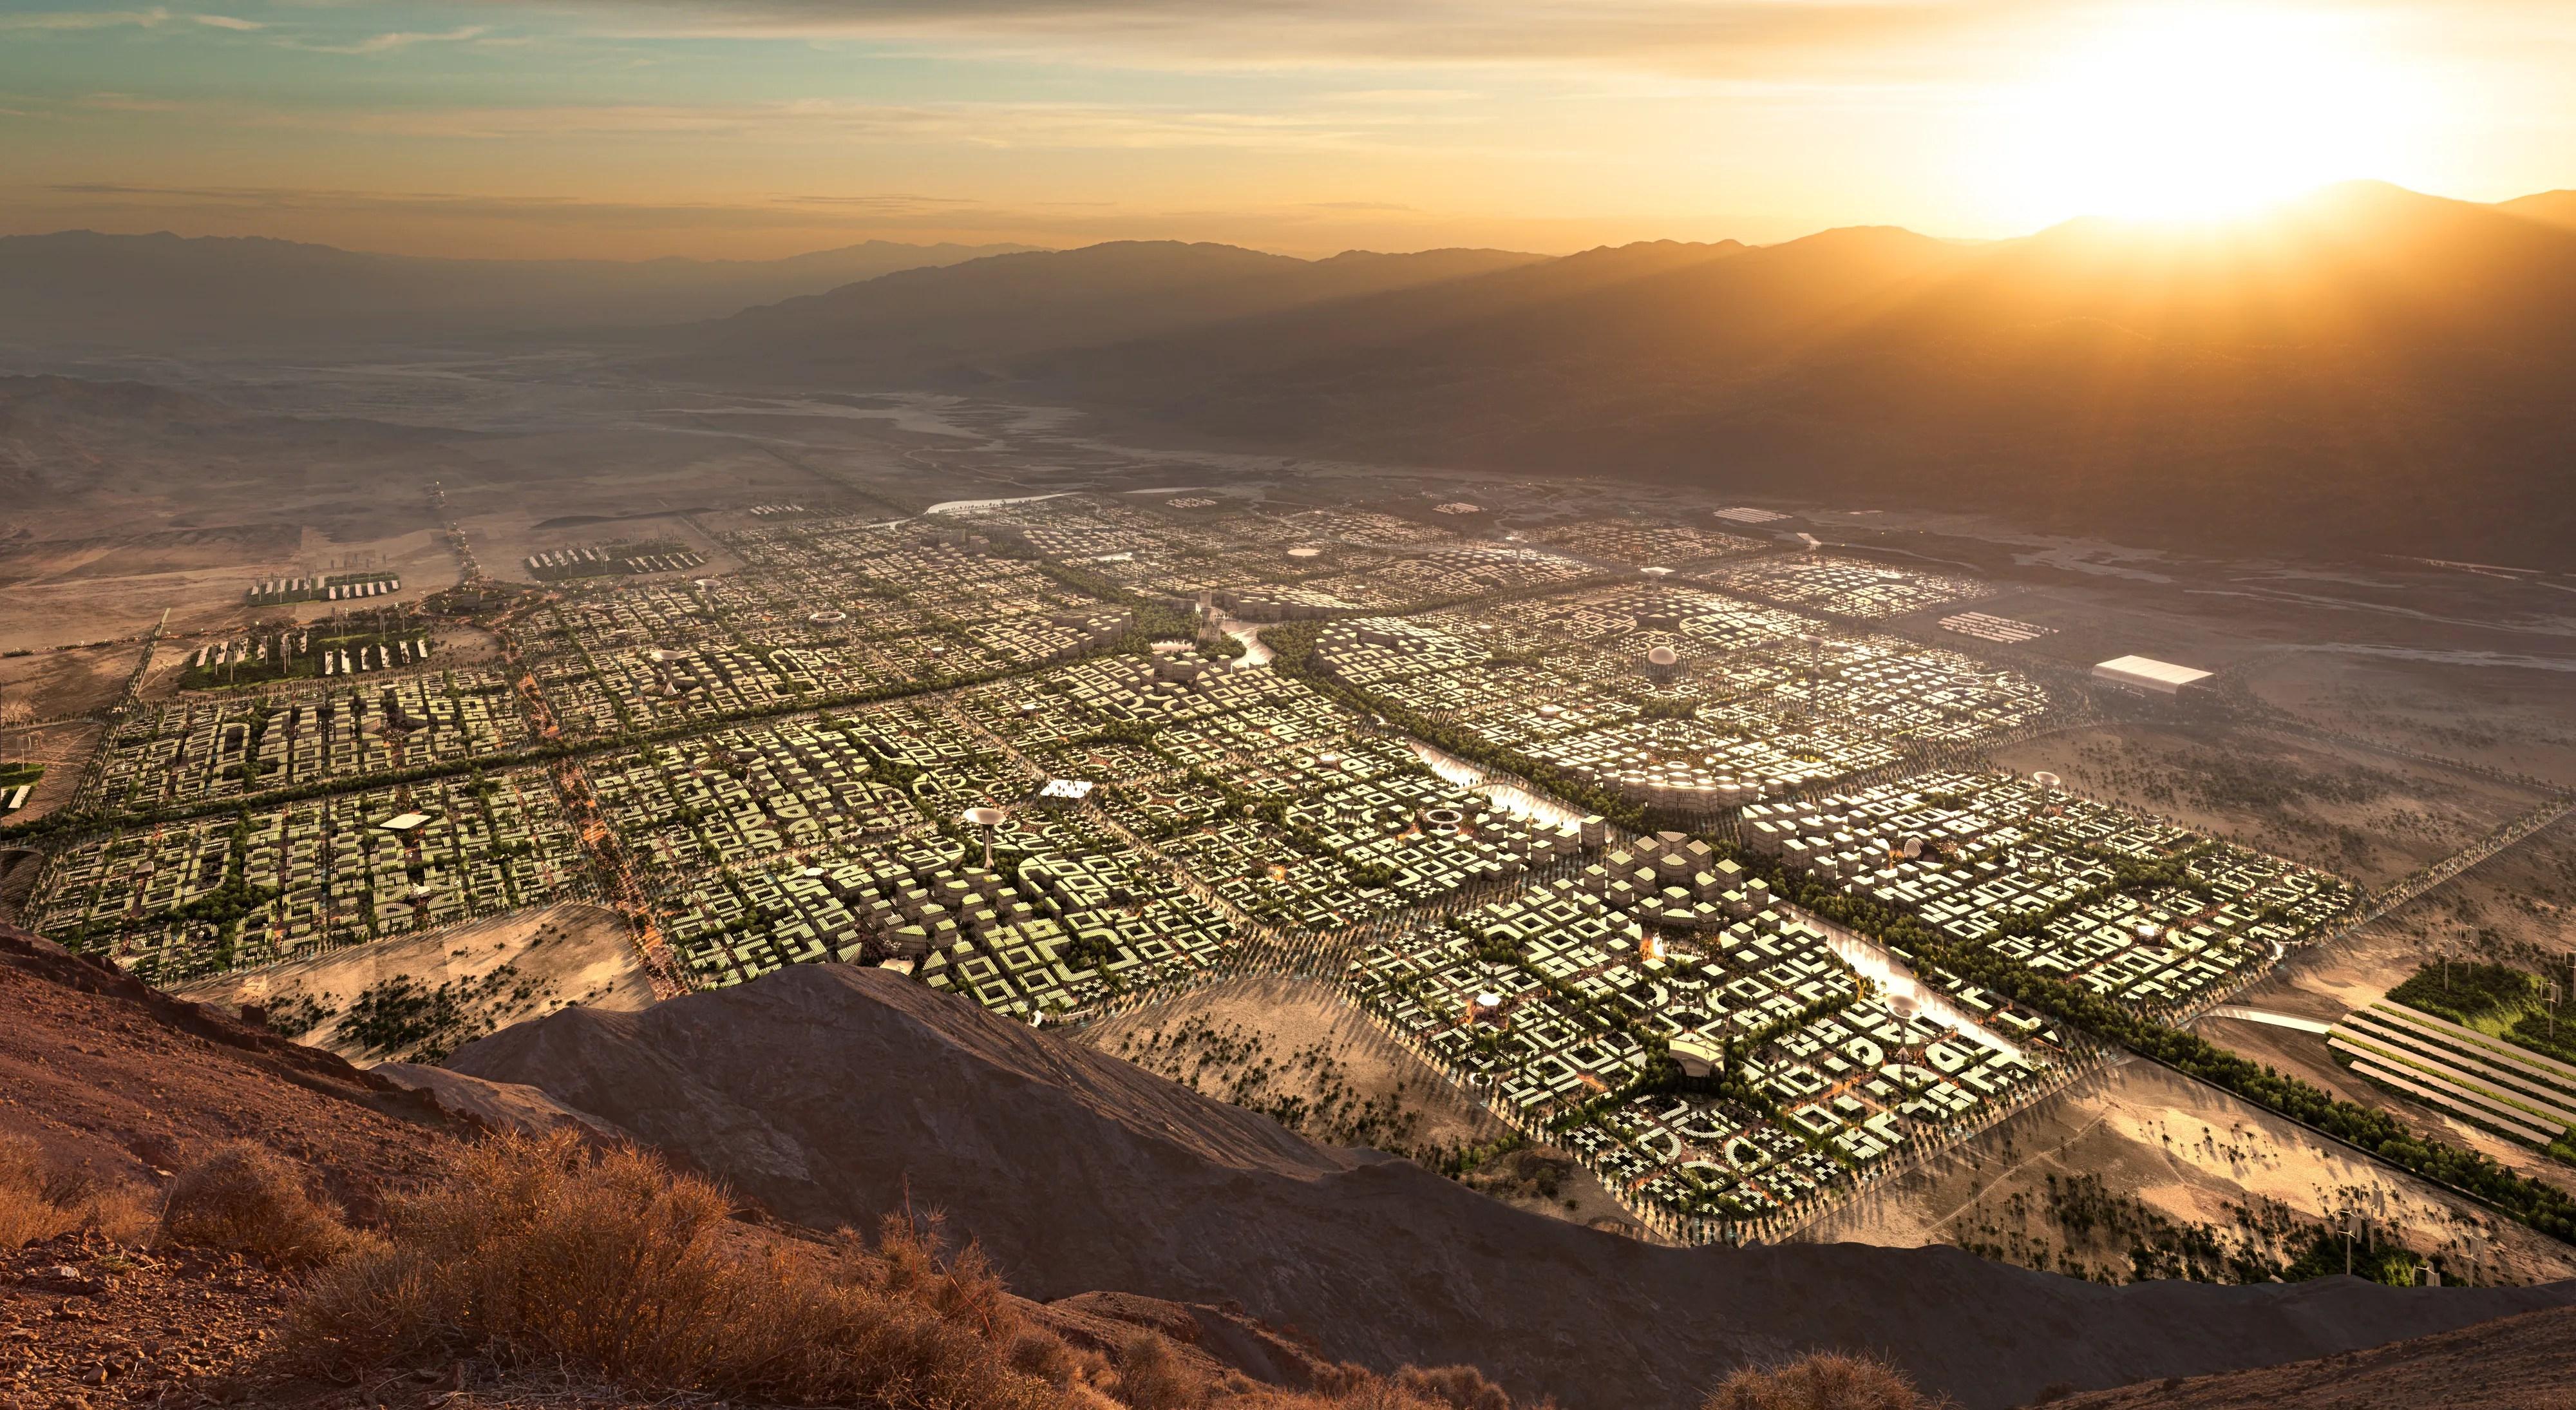 """Një pamje ajrore e Telosa, një metropol i planifikuar prej 400 miliardë dollarësh me skedën """"qyteti i ri në Amerikë"""", që do të ndërtohet në shkretëtirë nëse financohet siç duhet."""